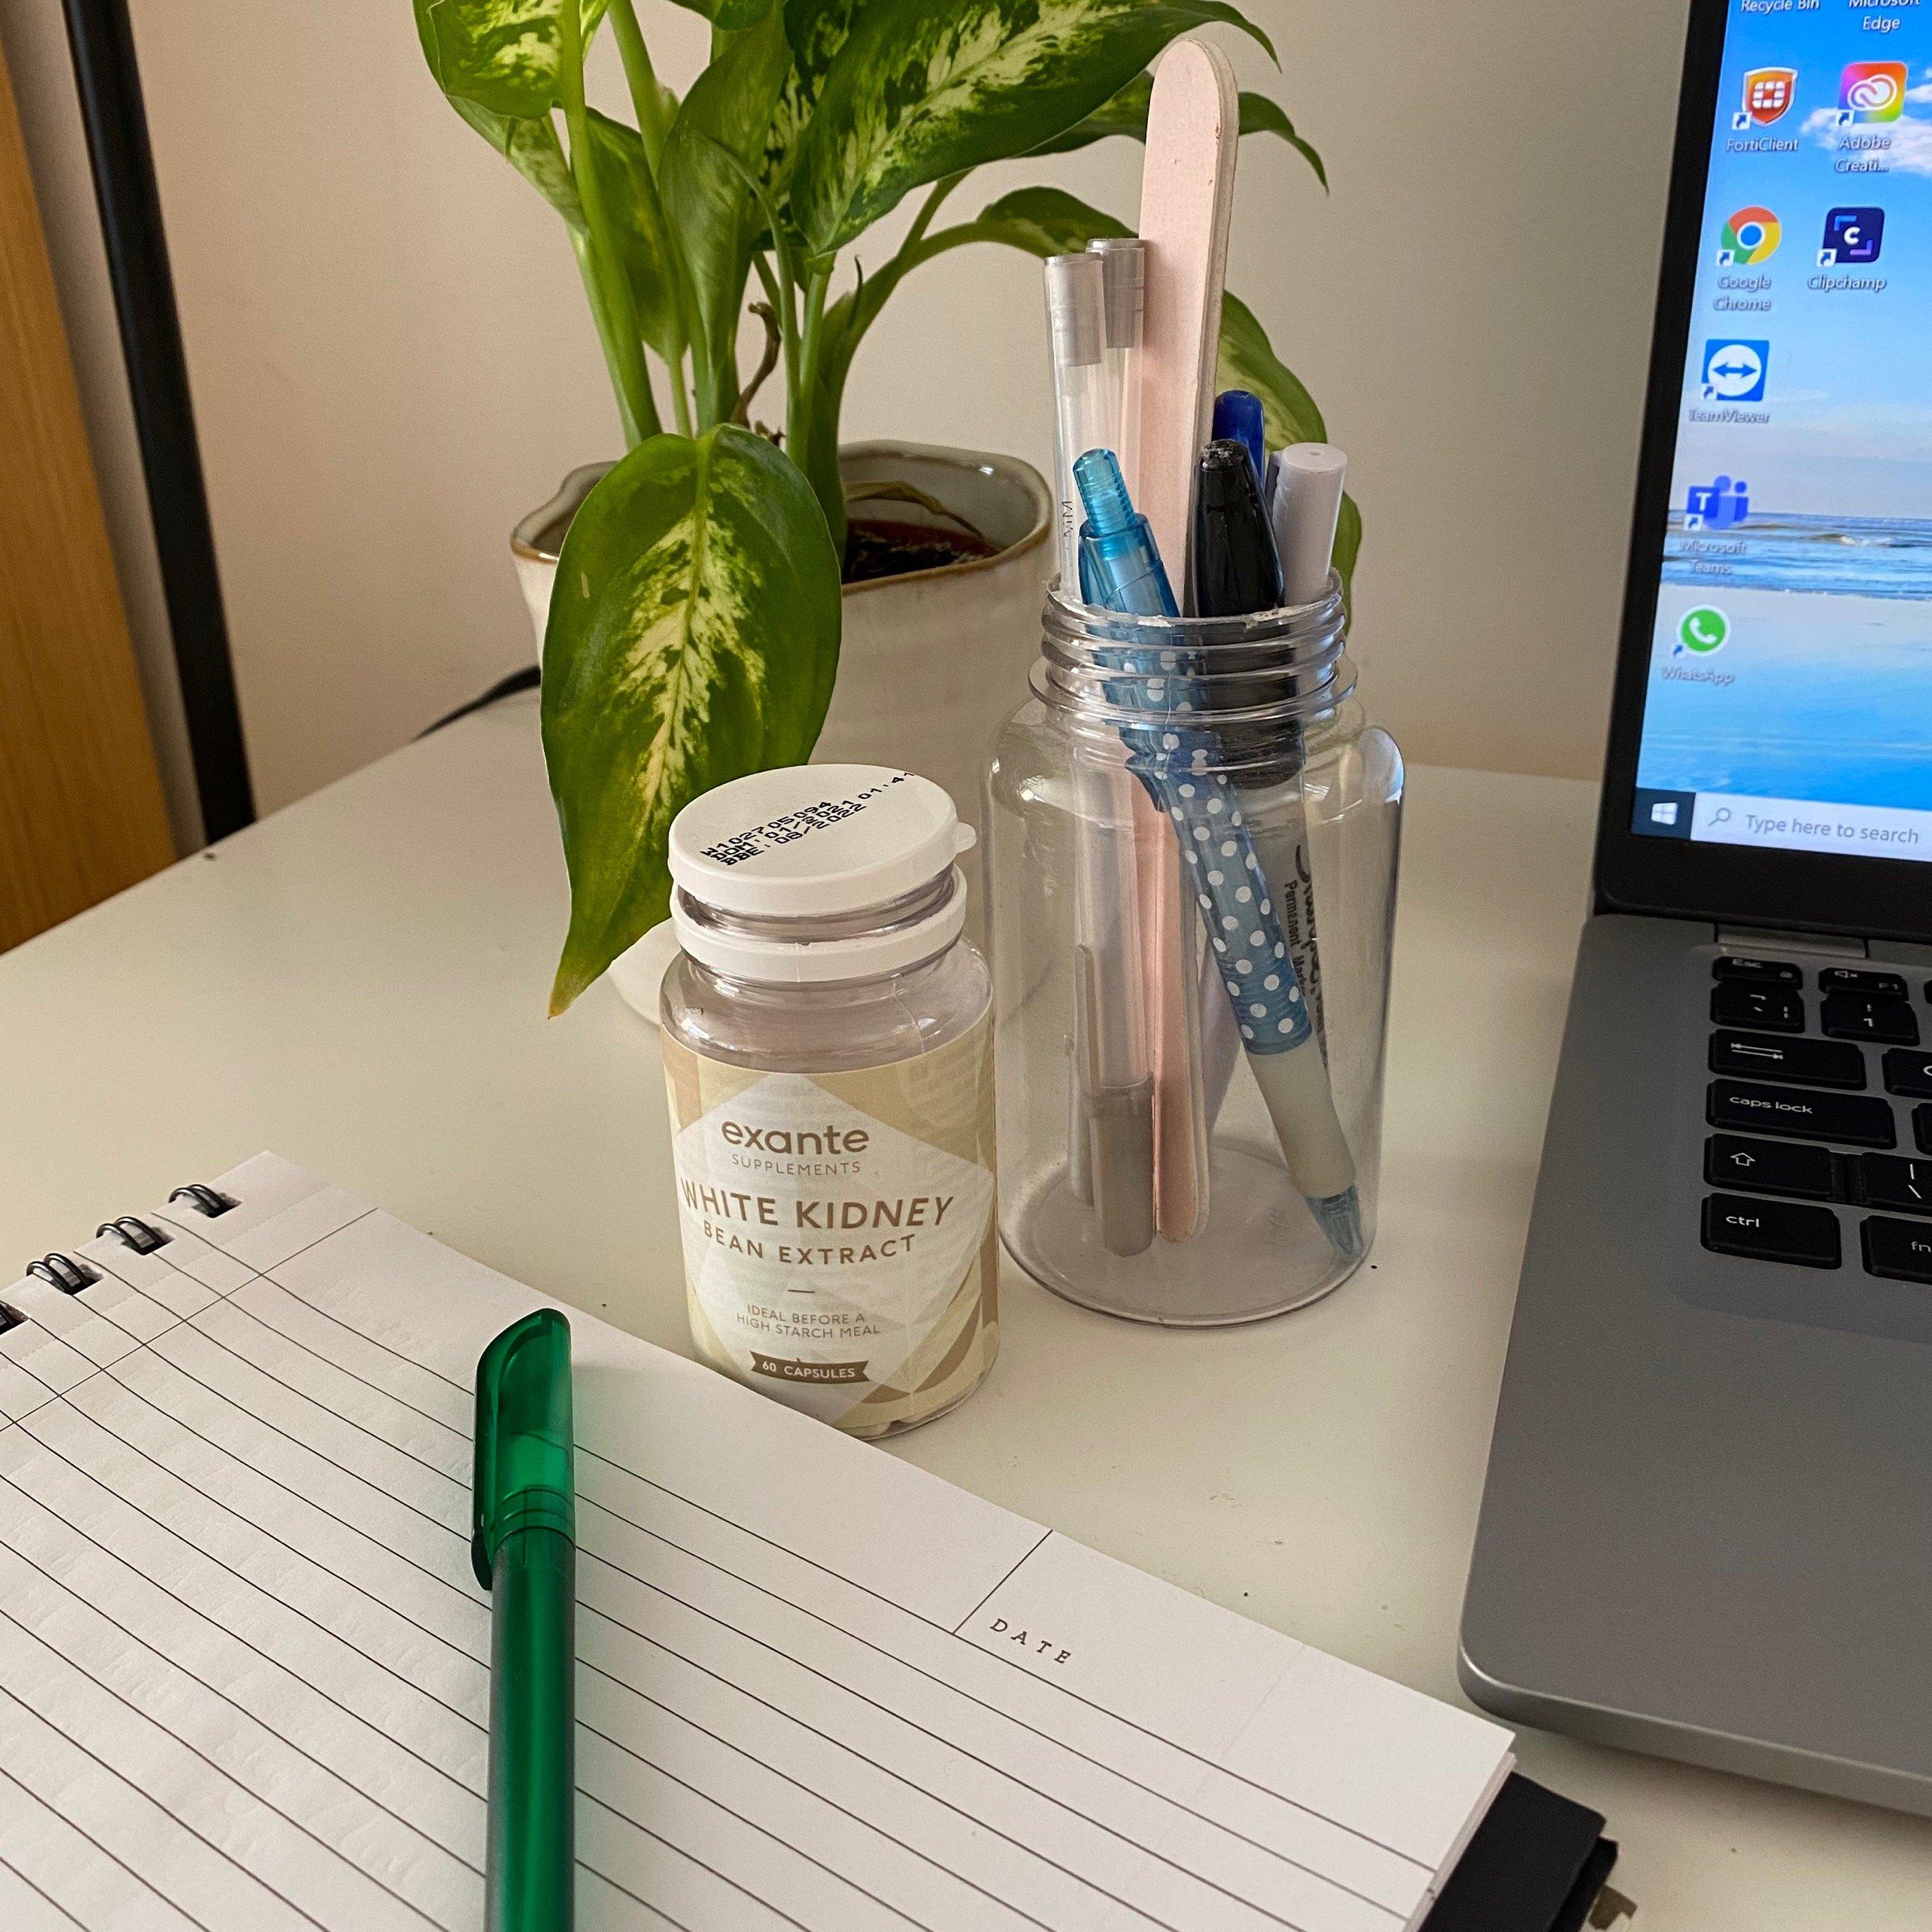 exante Supplements pot as a pencil holder